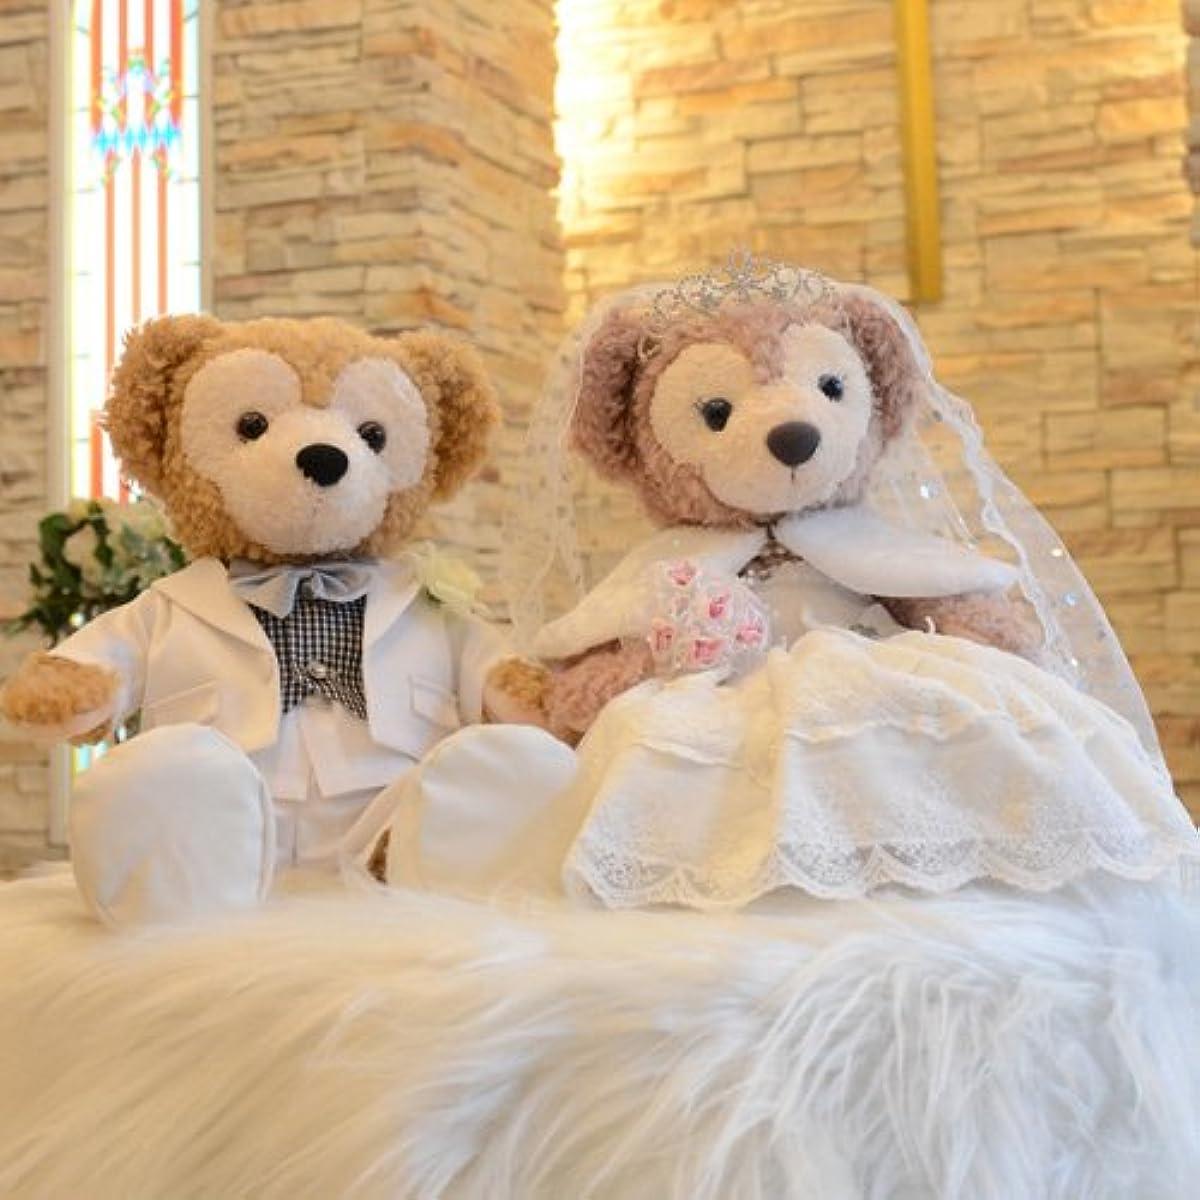 [해외] 더피 셸리 메이 코스튬 웨딩 드레스&연미복 세트 결혼식의 웰컴 베어(베이스 업)에★【오리지널 핸드 메이드 코스튬】-